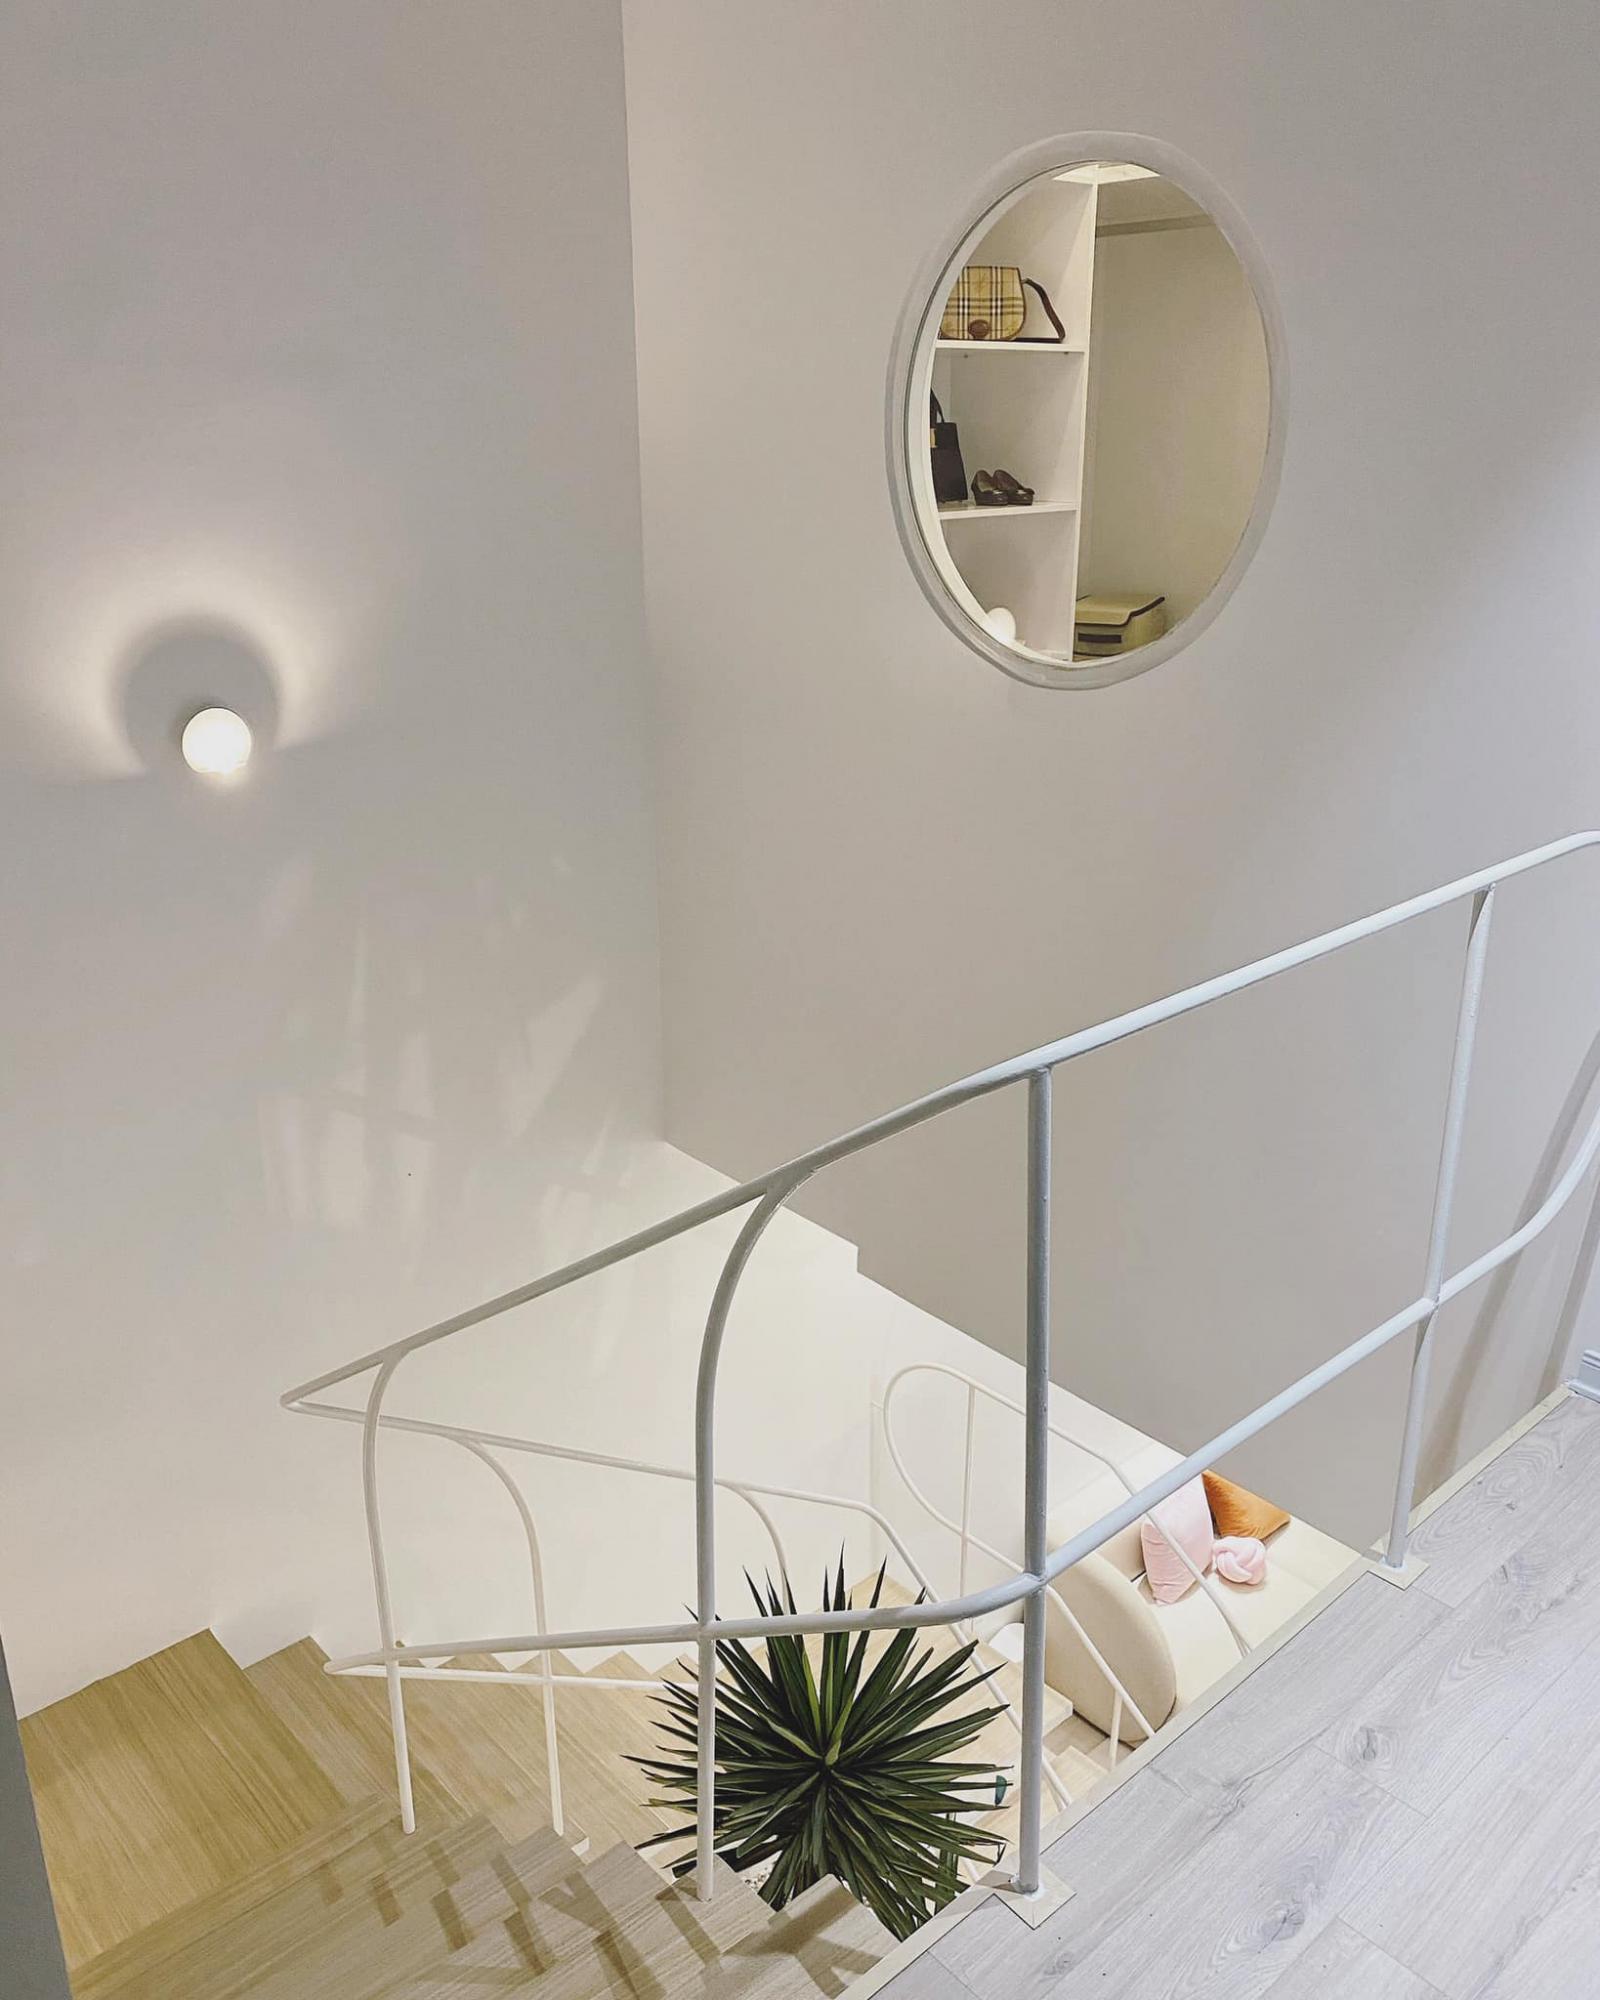 Cầu thang được thiết kế đơn giản, đường nét mỏng manh là điểm nhấn của ngôi nhà.